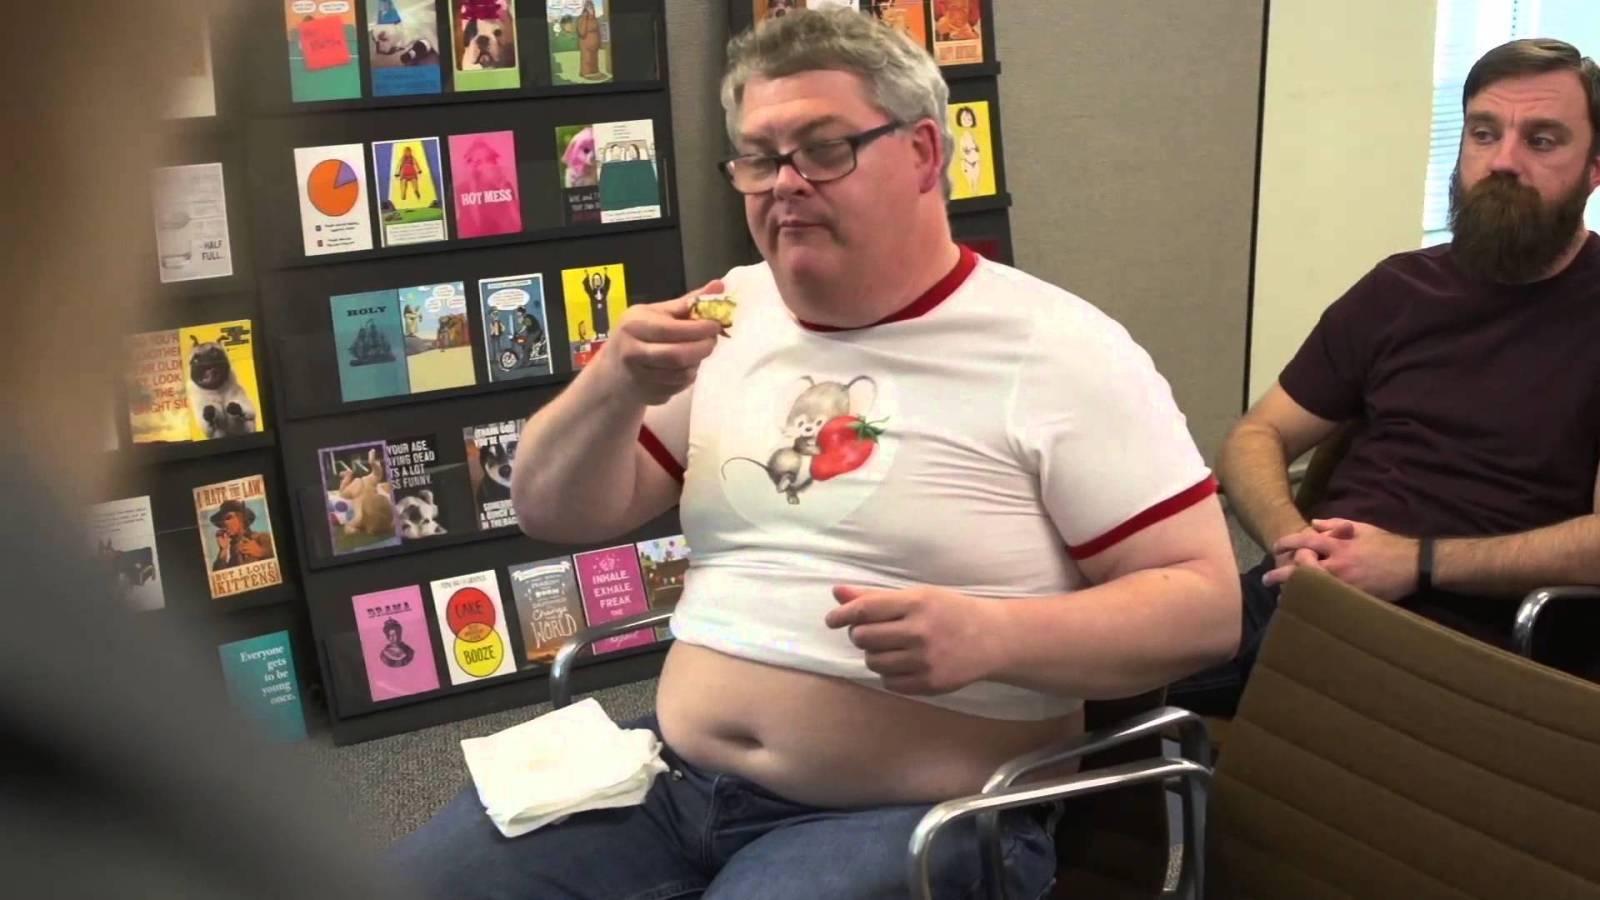 седой мужчина в очках сидит на стуле